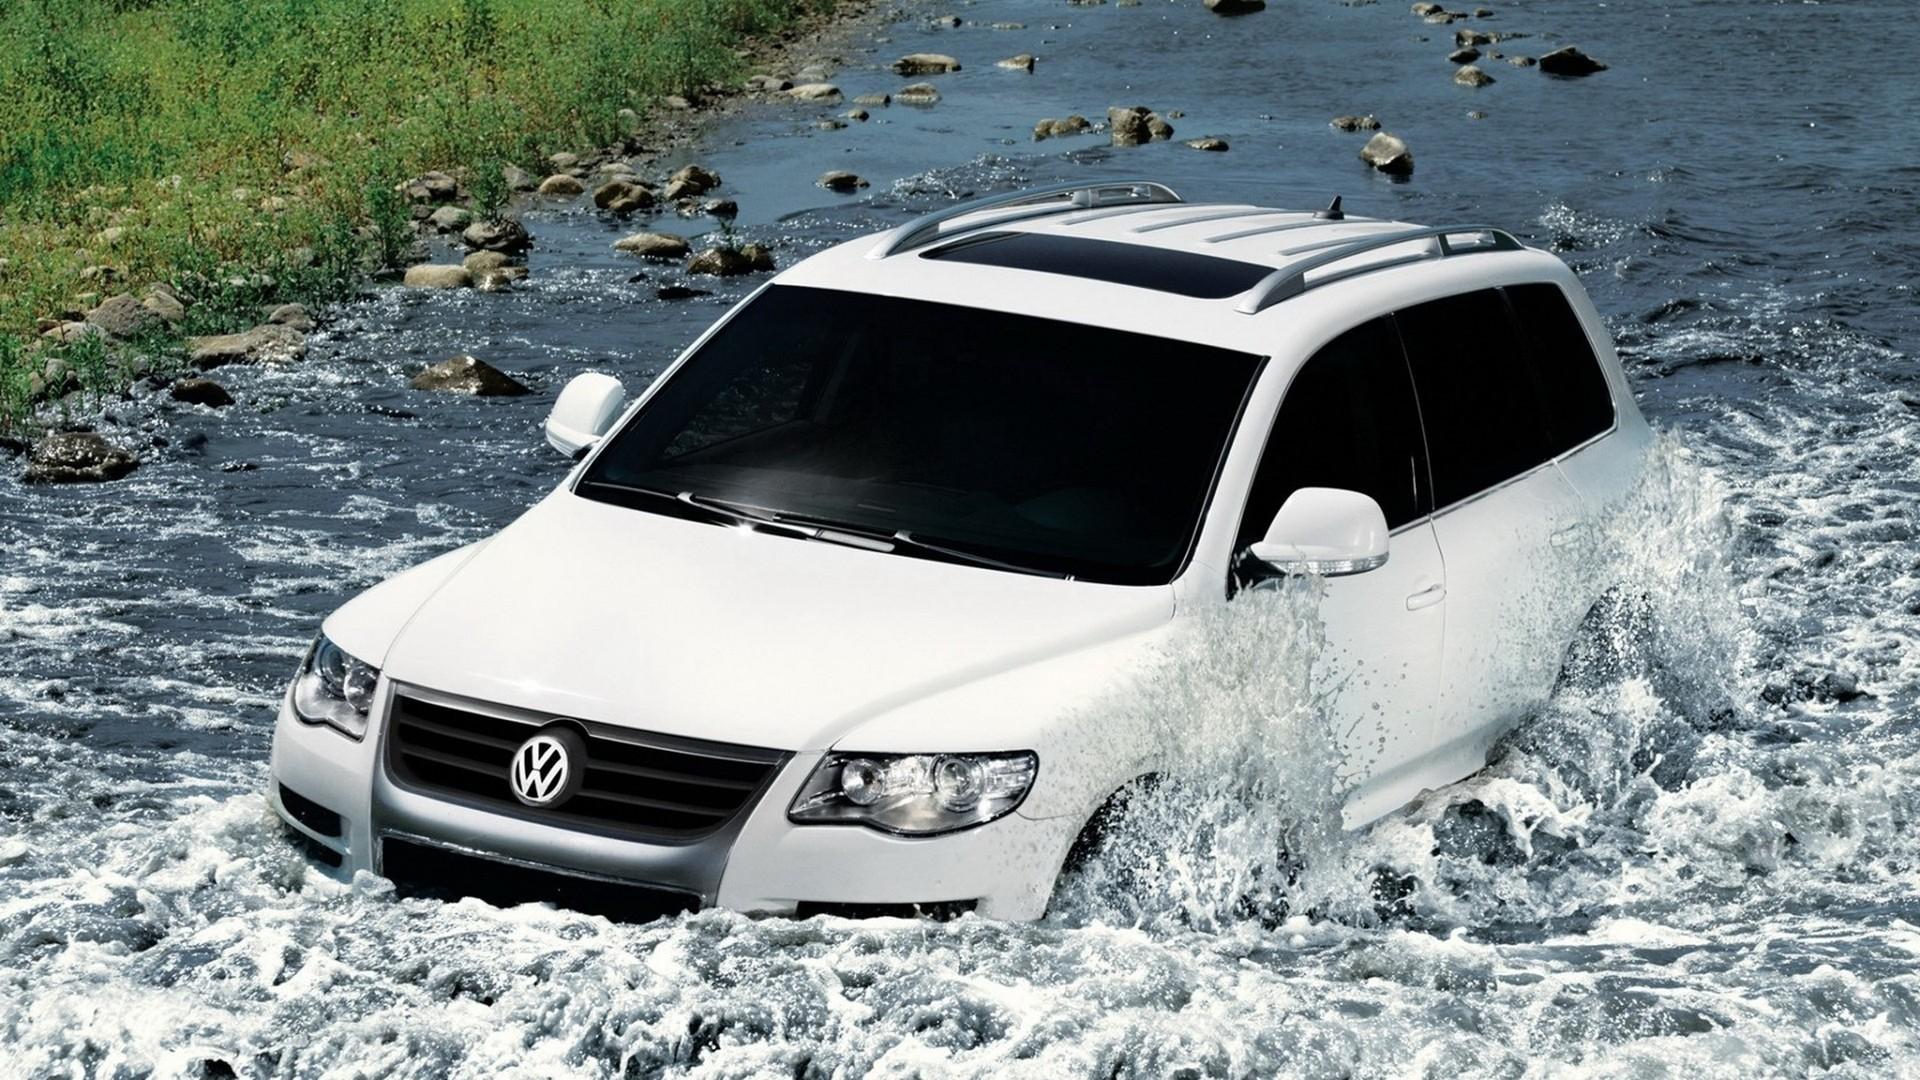 27035 скачать обои Транспорт, Машины, Река, Фольксваген (Volkswagen) - заставки и картинки бесплатно